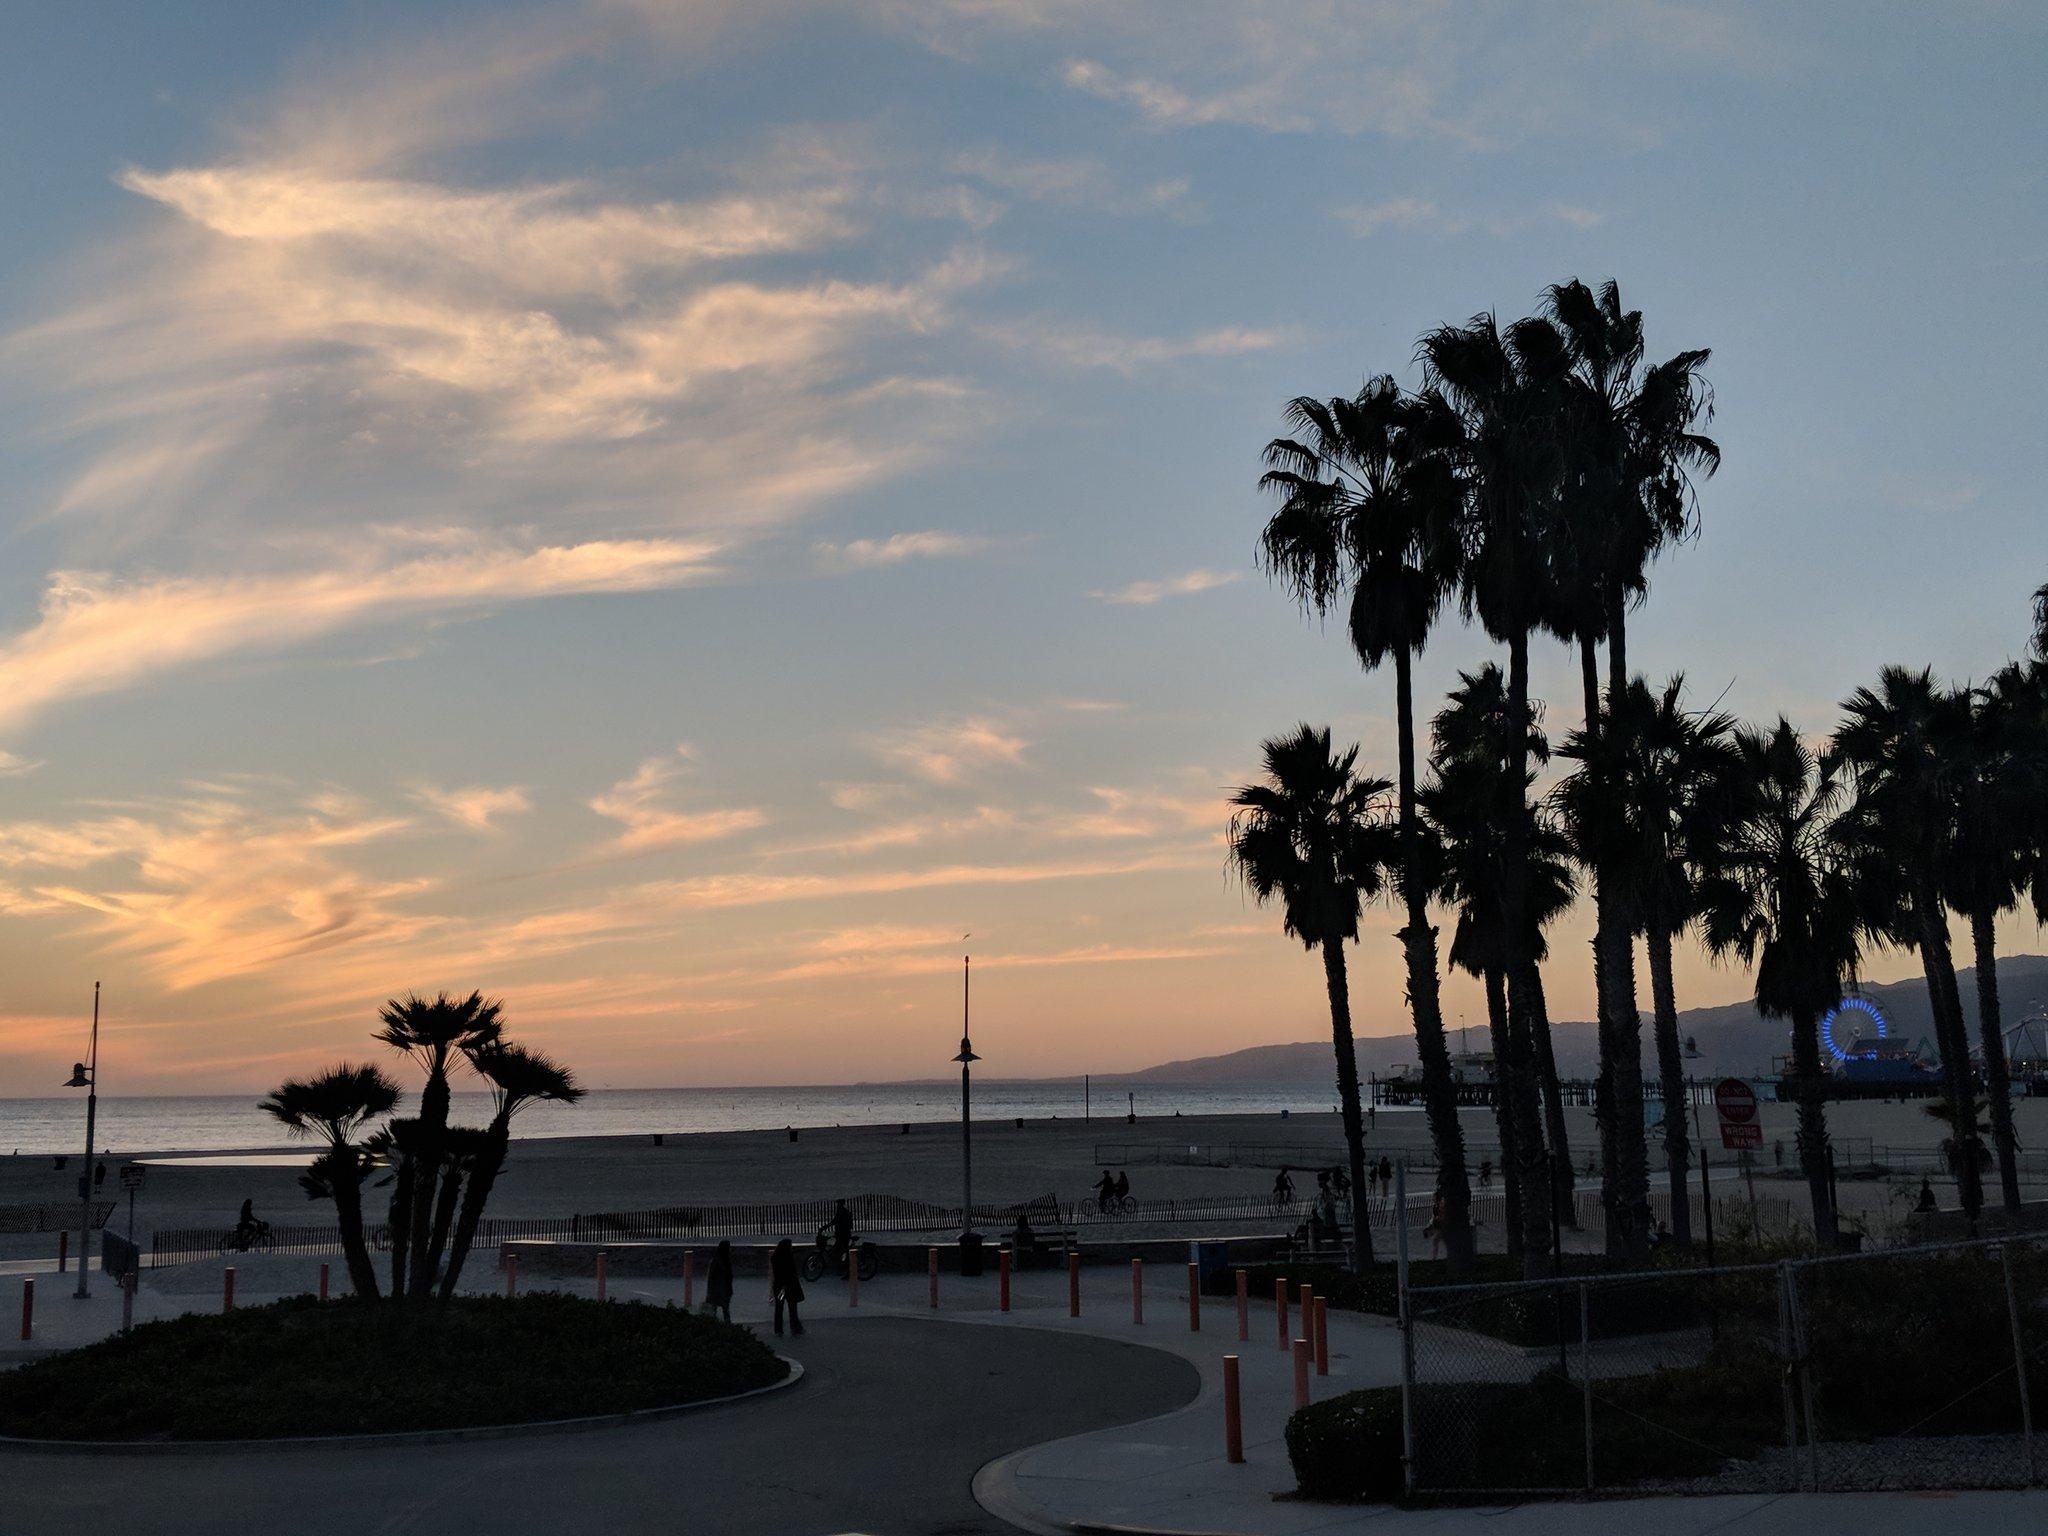 #sunset https://t.co/Kwdon0BaGD